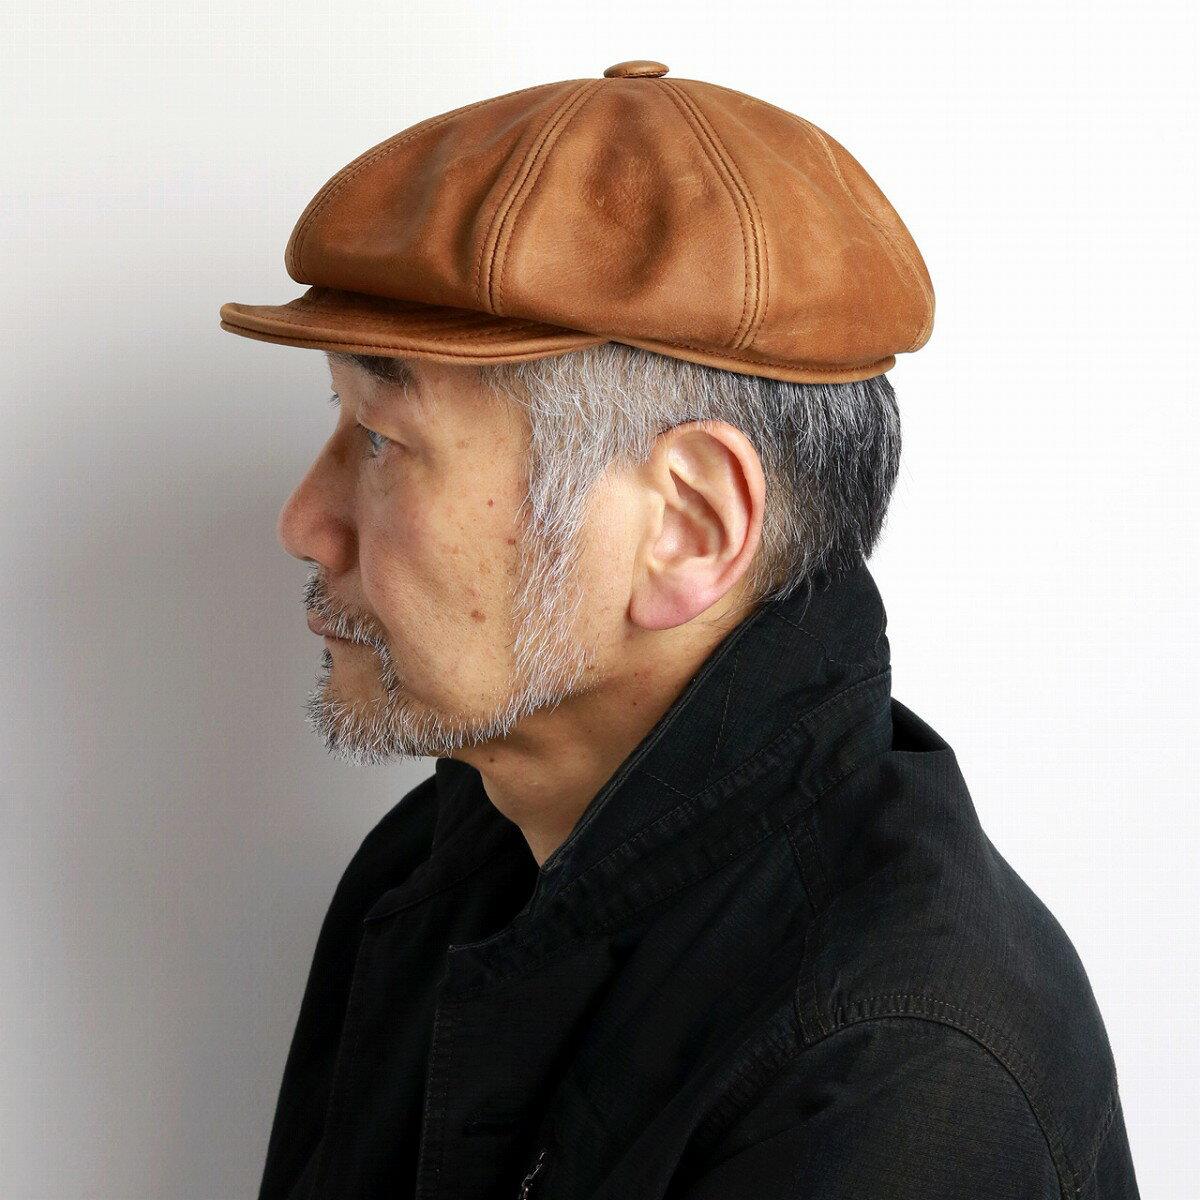 NEW YORK HAT レザー キャスケット メンズ 大きいサイズ キャスケット帽 ヴィンテージレザー Vintage Leather Spitfire 帽子 本革 レザーキャップ 9223 無地 革製品 革小物 紳士 / ラストカラー RUST [ ivy cap ] 男性 帽子 40代 50代 60代 プレゼント クリスマス ギフト